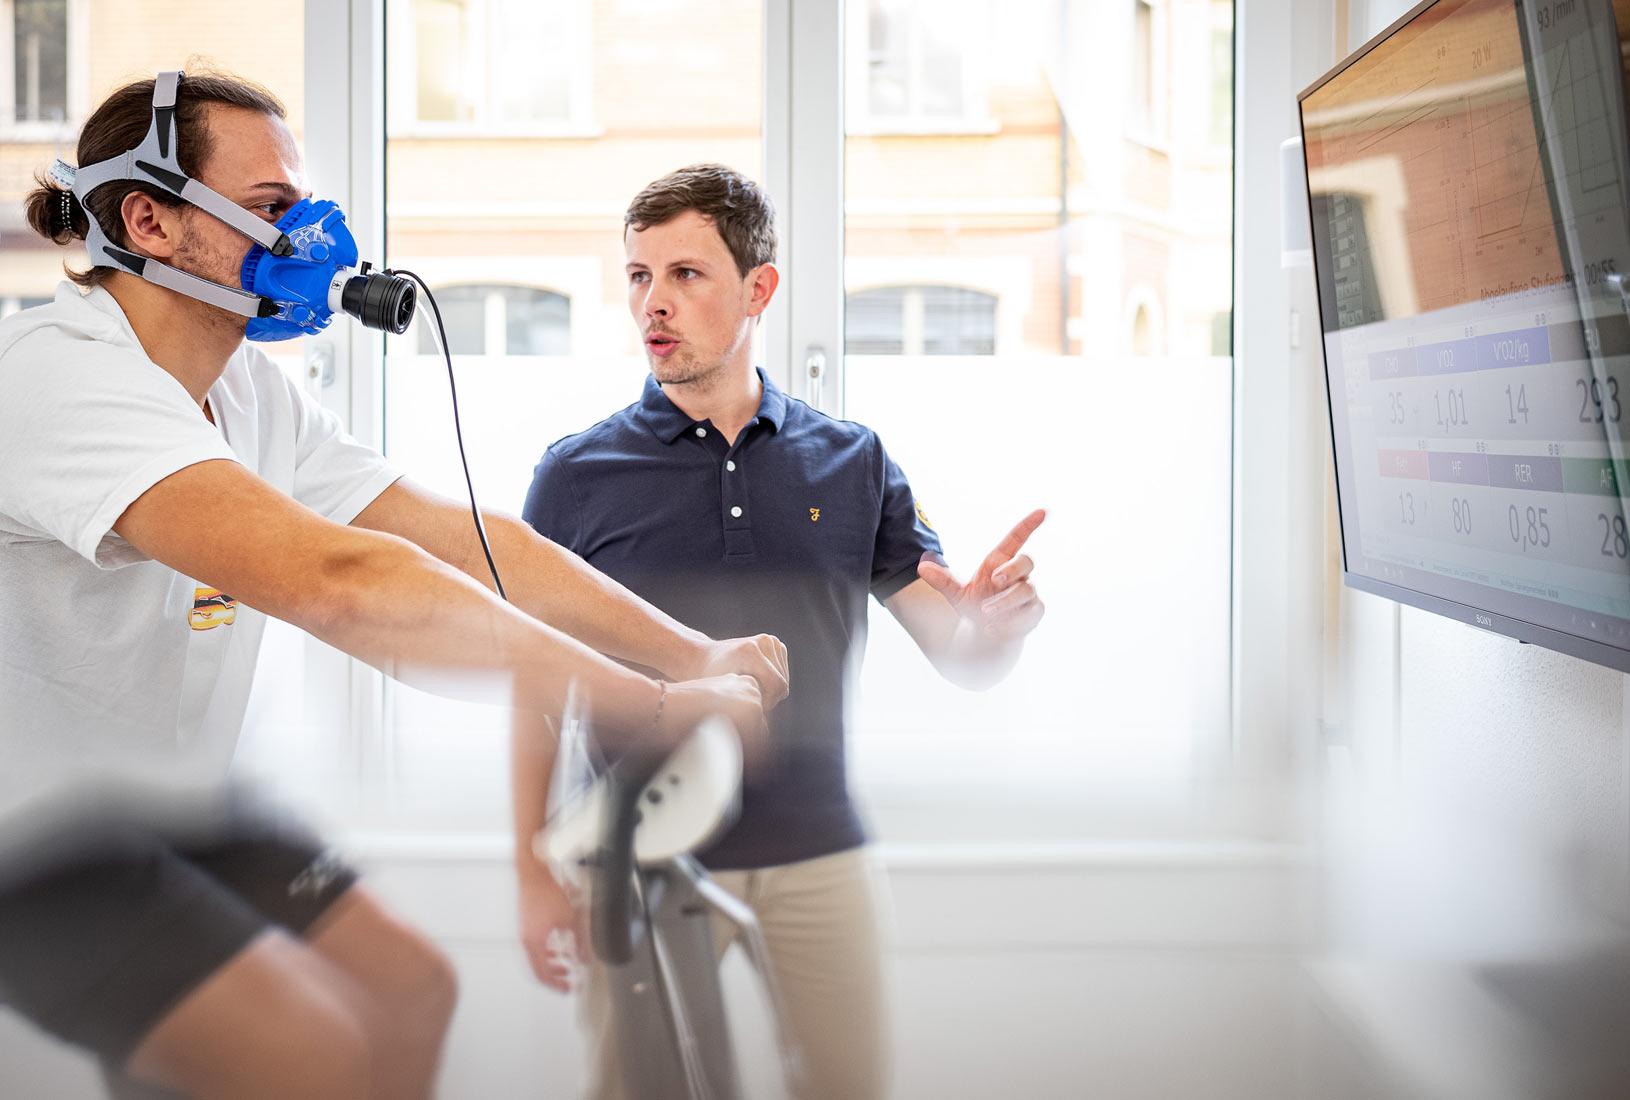 Körperanalyse und die passenden Supplemente dazu – so machen es die Pros. 2